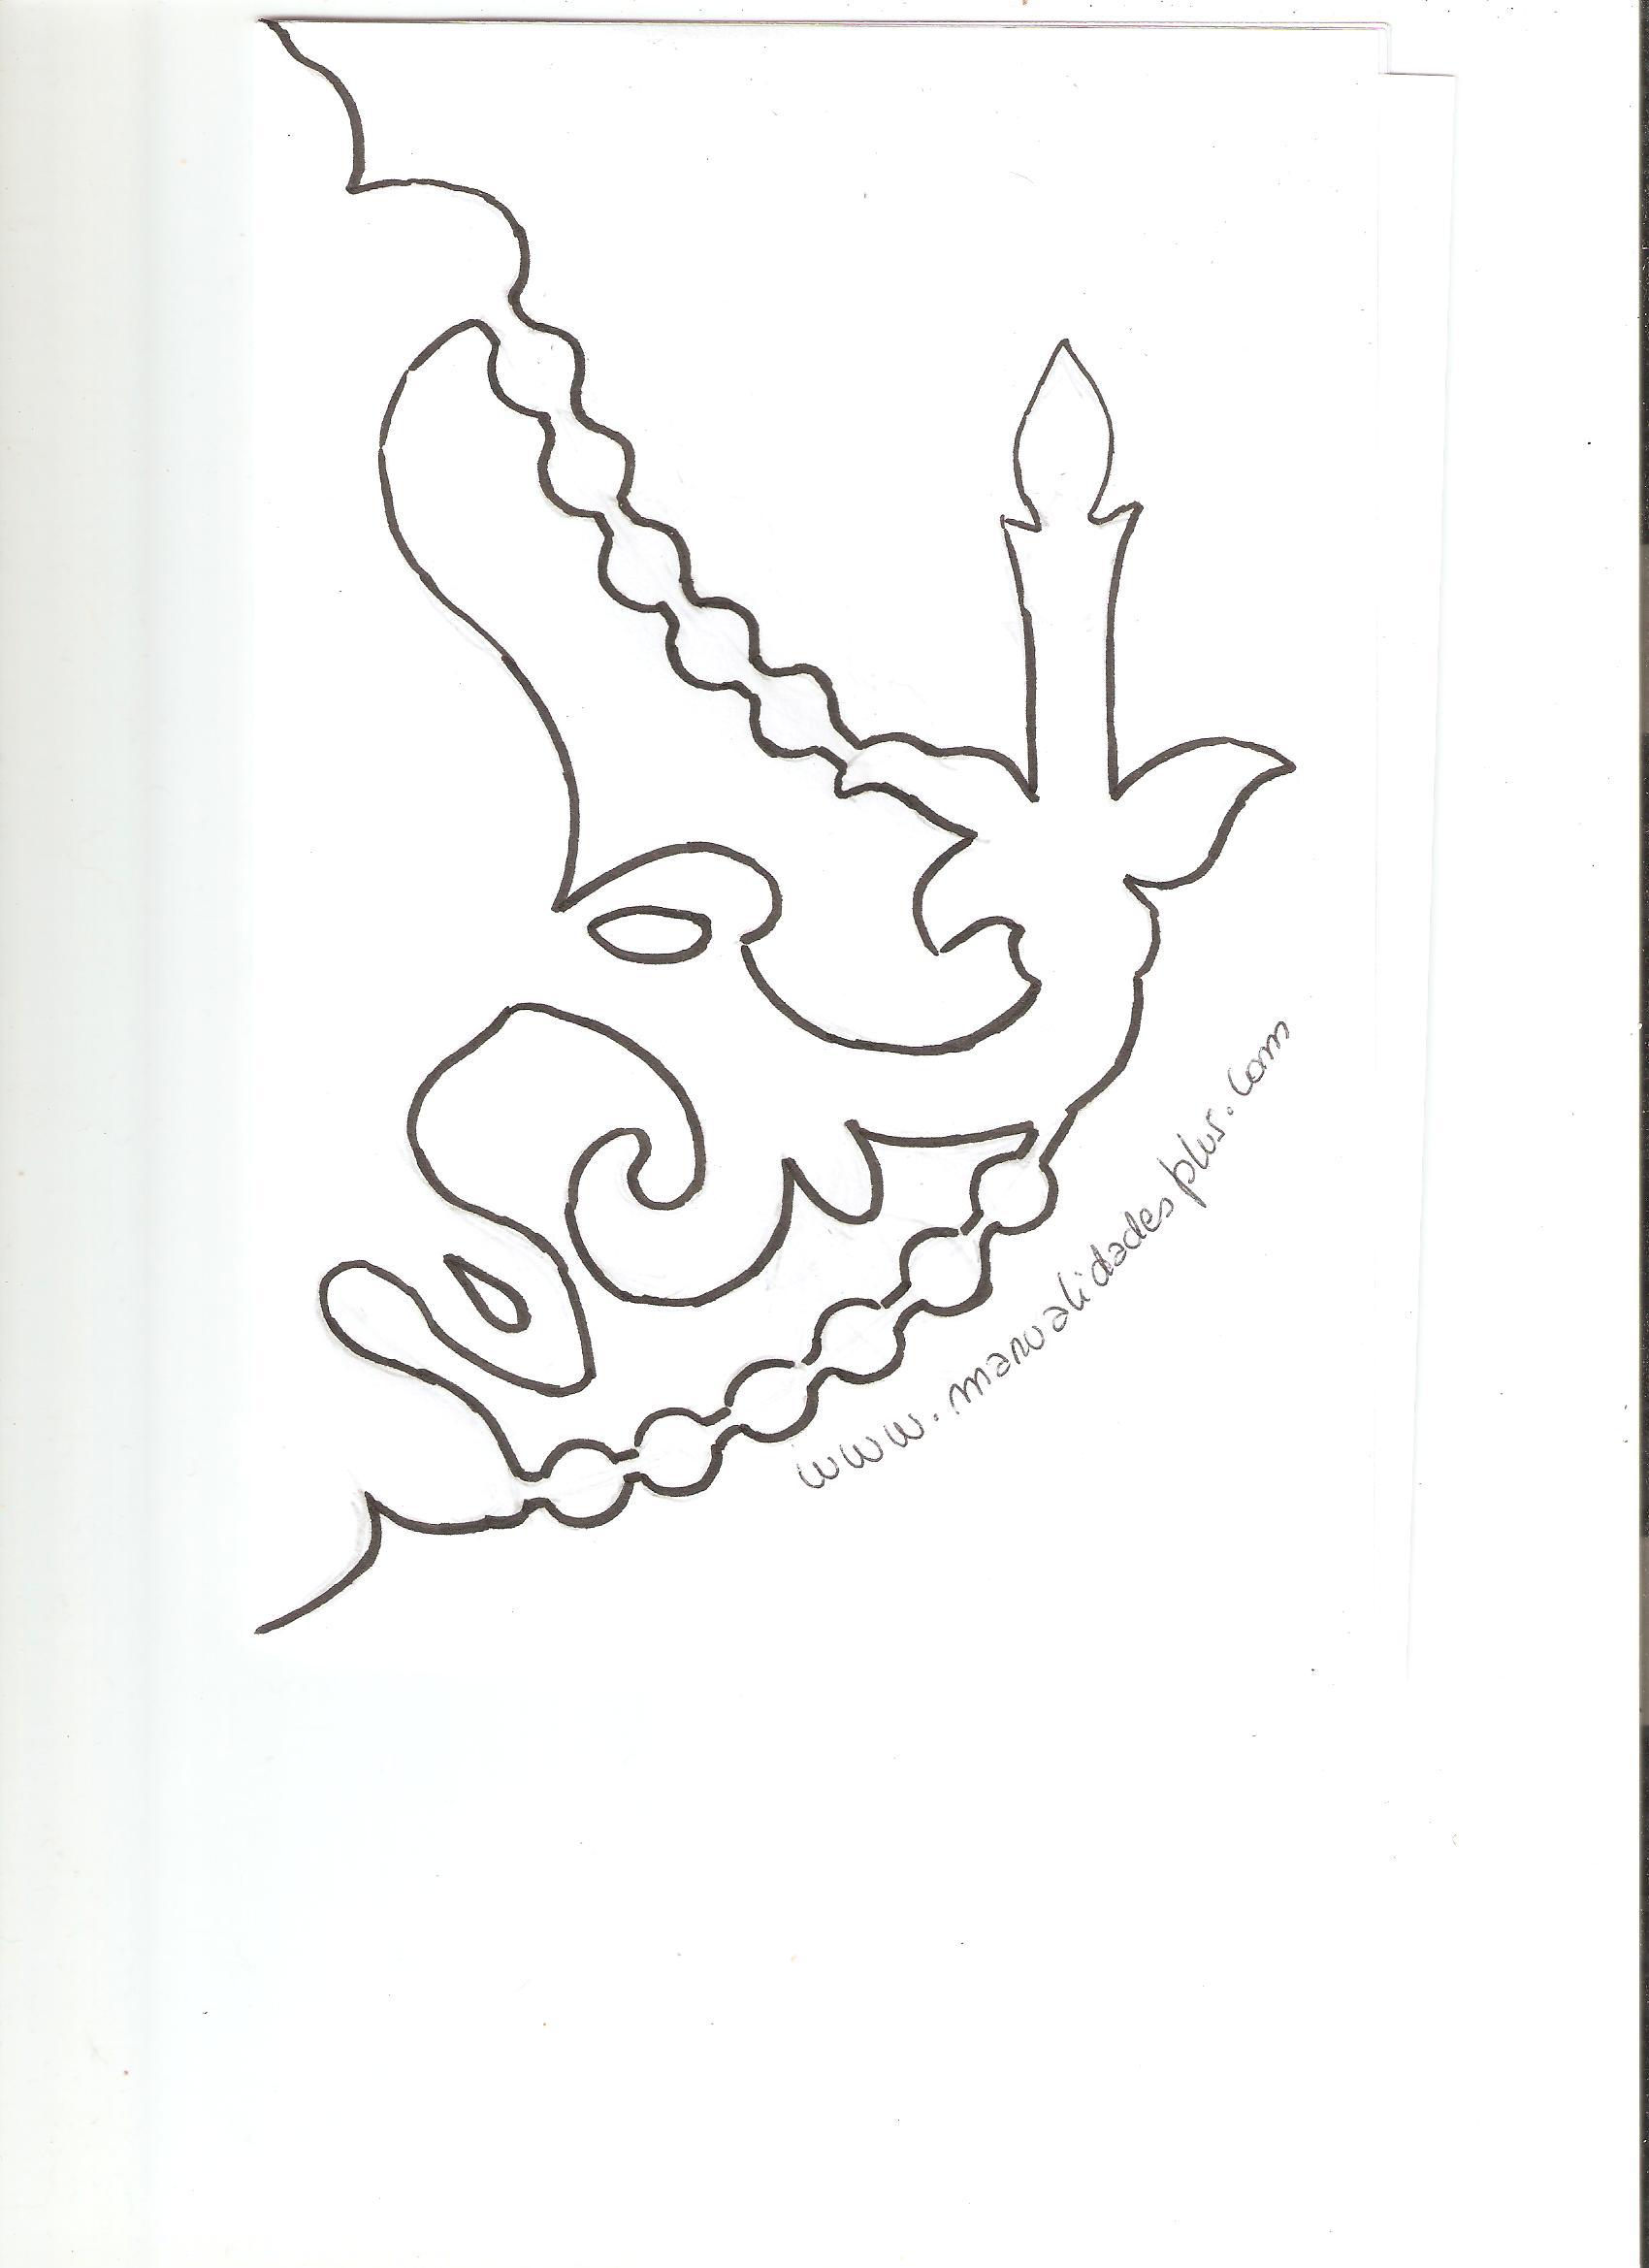 Candelabros con papel manualidades para cumplea os - Como hacer candelabros ...